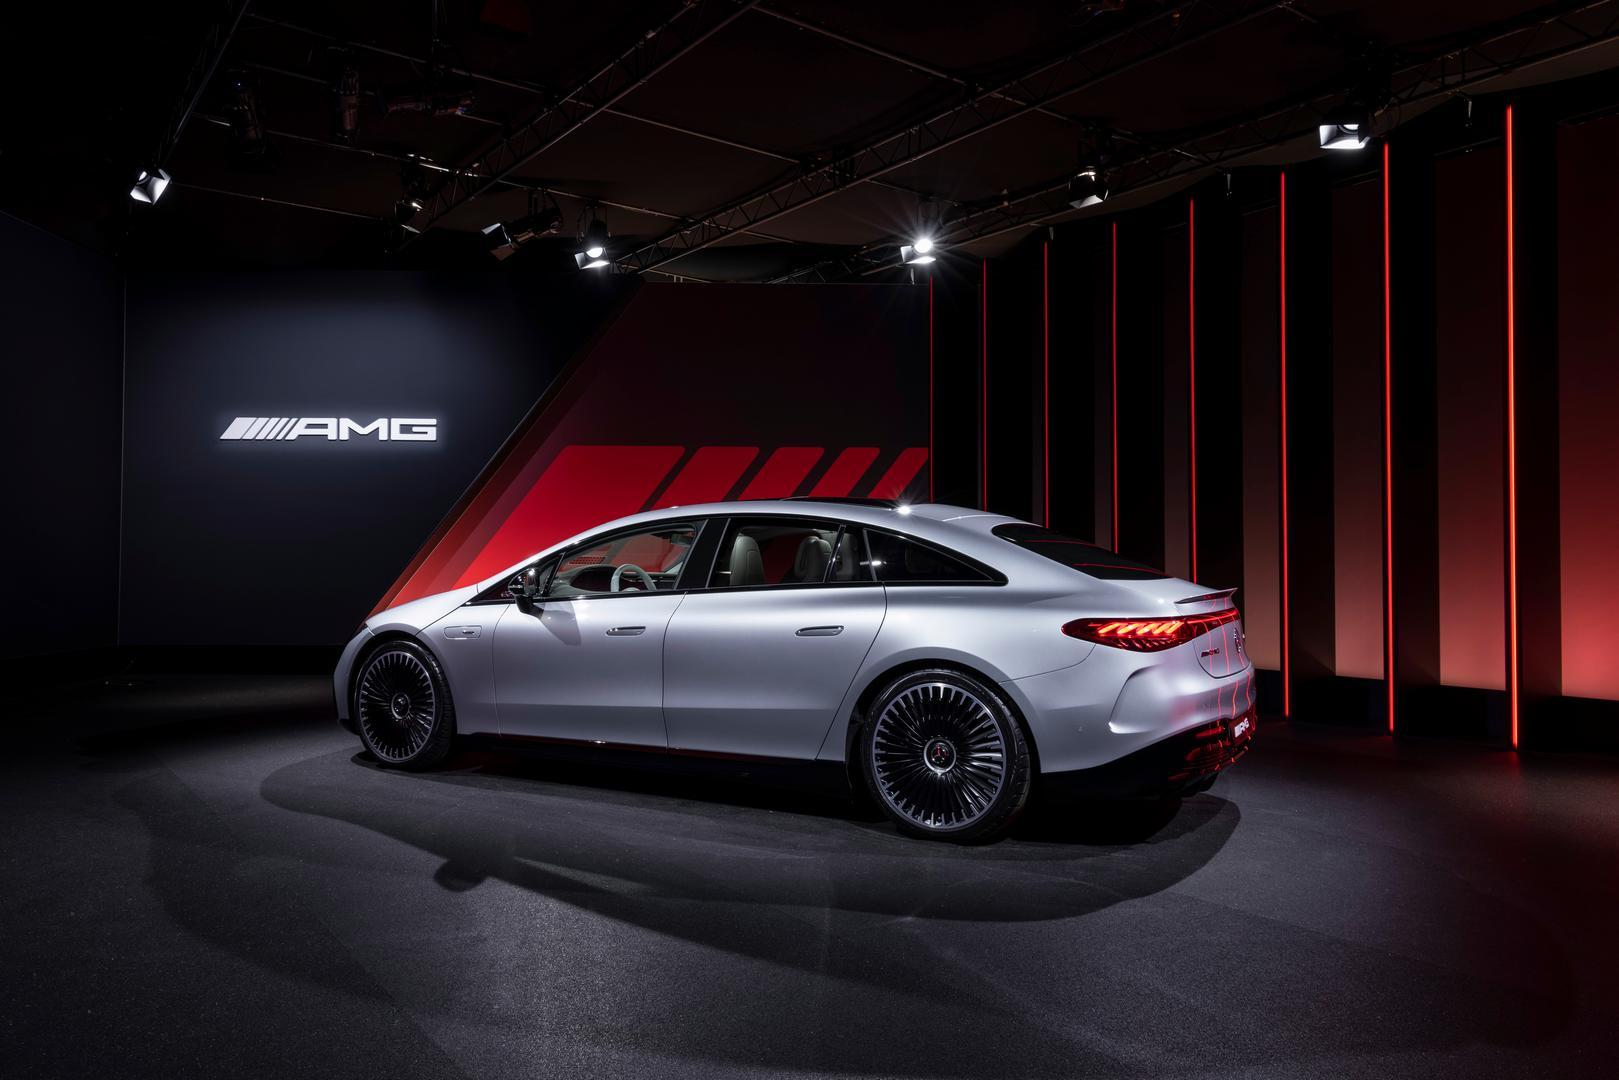 Mercedes-AMG EQS 53 4MATIC+, 2021Mercedes-AMG EQS 53 side